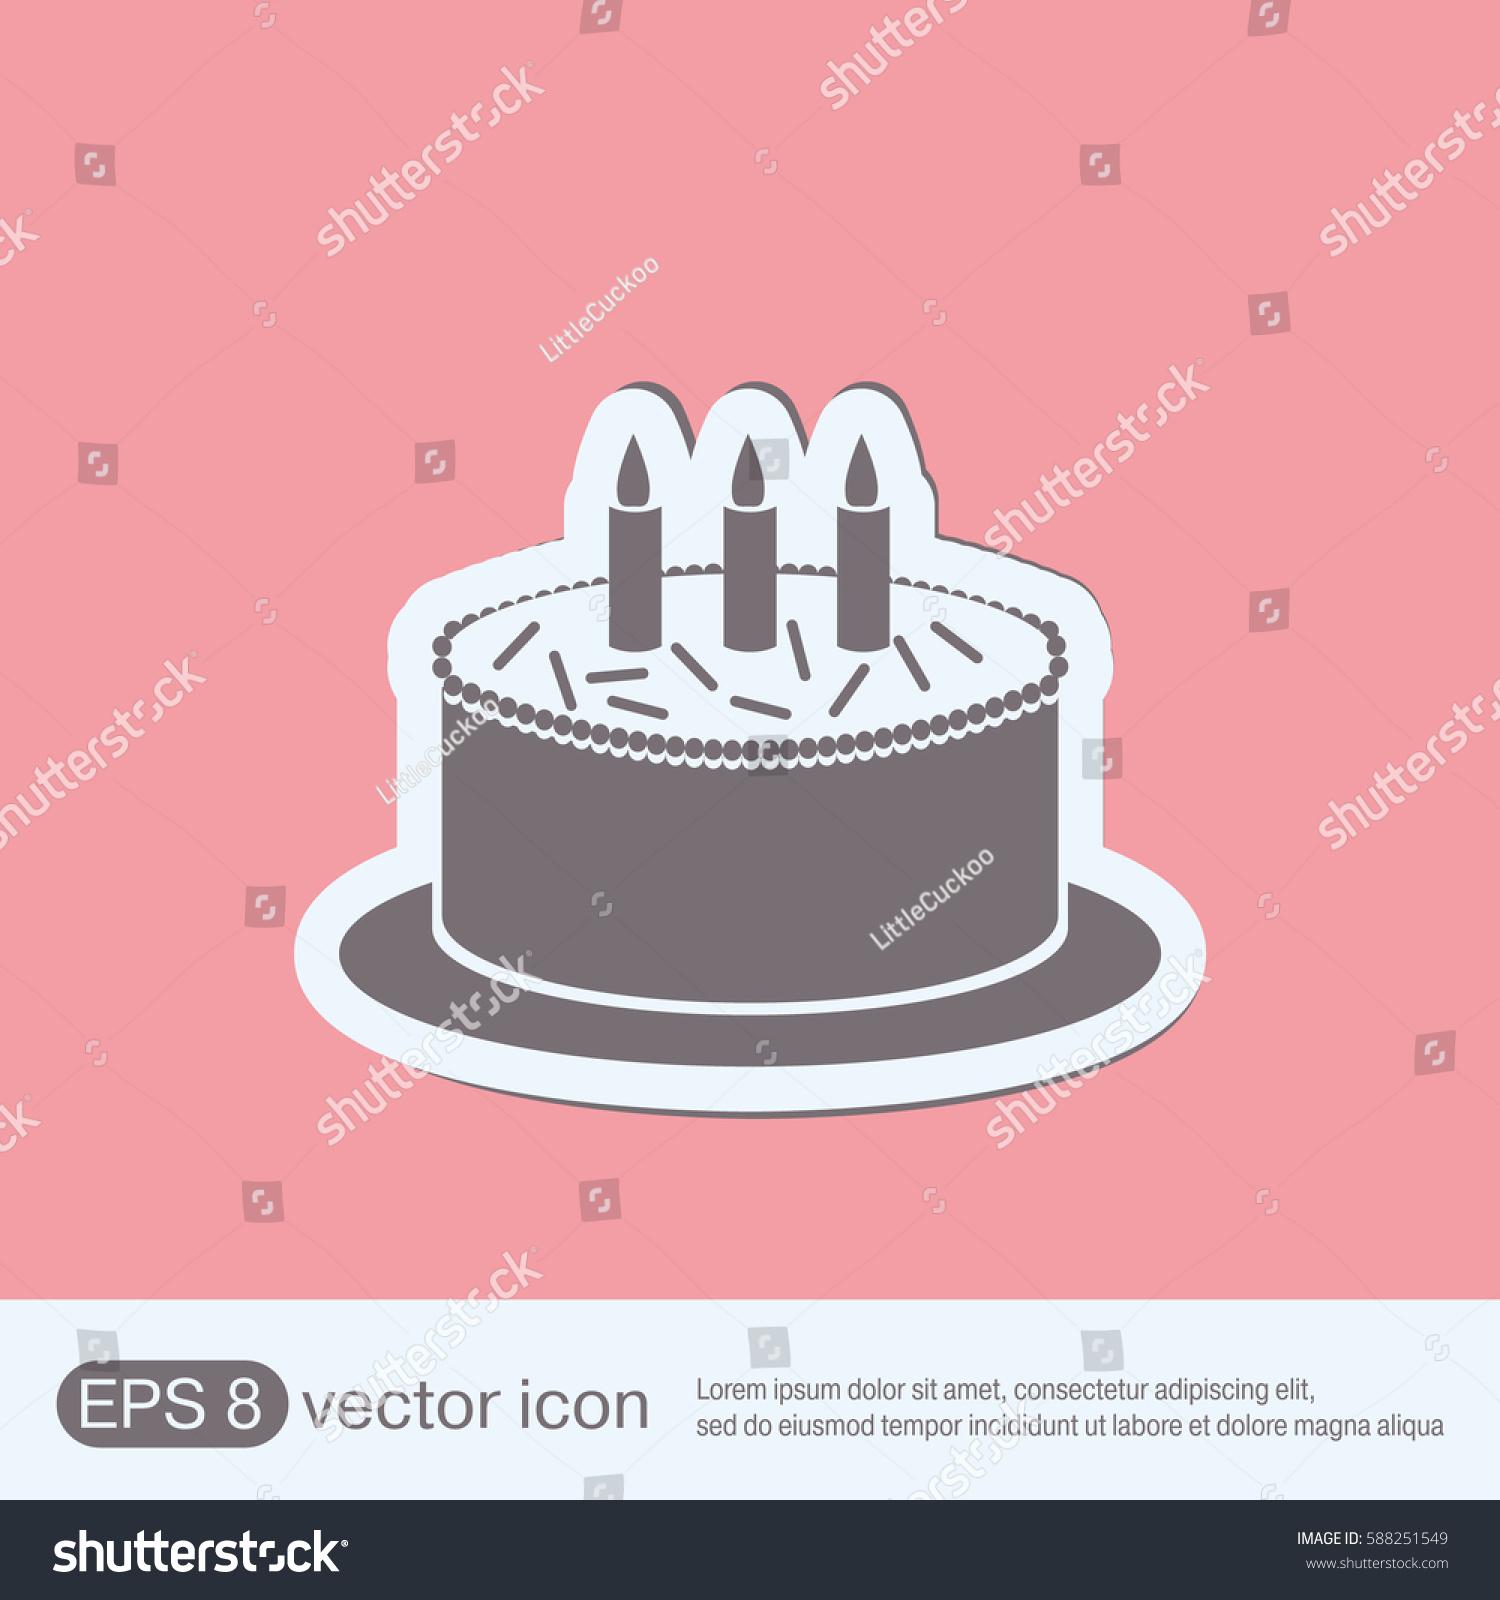 Cake symbol text choice image symbol and sign ideas cake text symbol image collections symbol and sign ideas birthday cake icon symbol cake celebrating stock buycottarizona